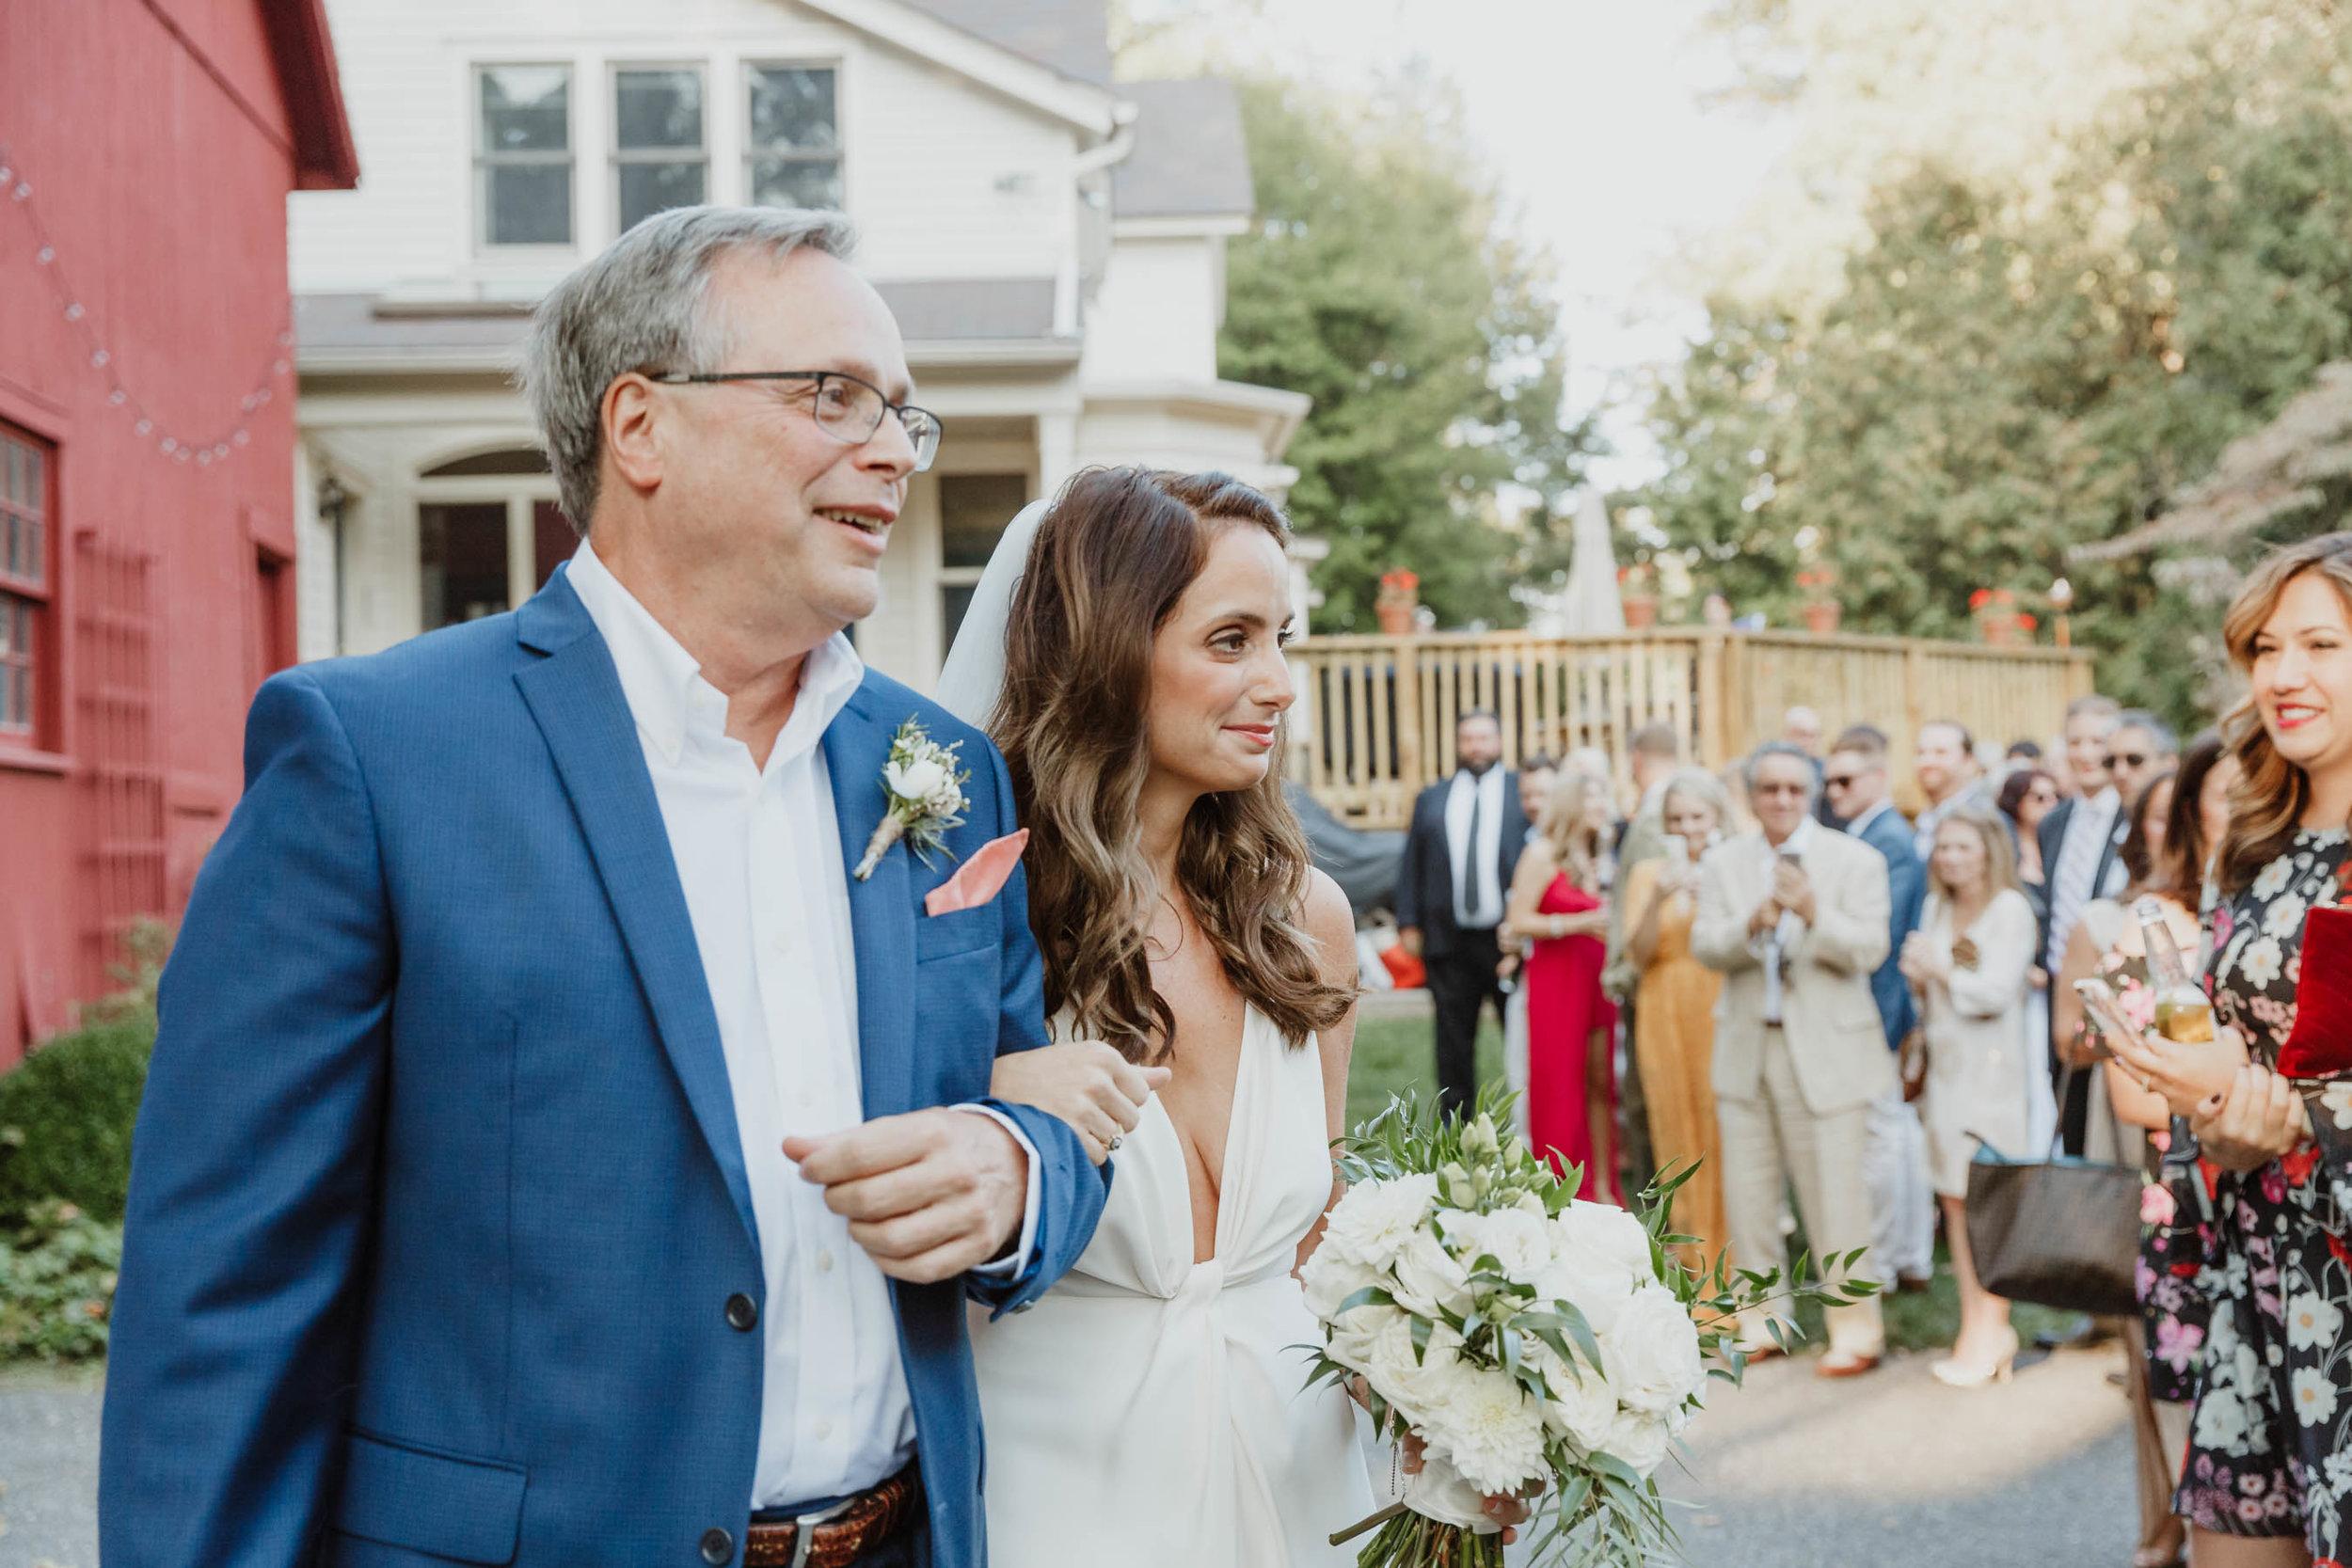 fairfield-county-connecticut-backyard-wedding-photographer--52.jpg